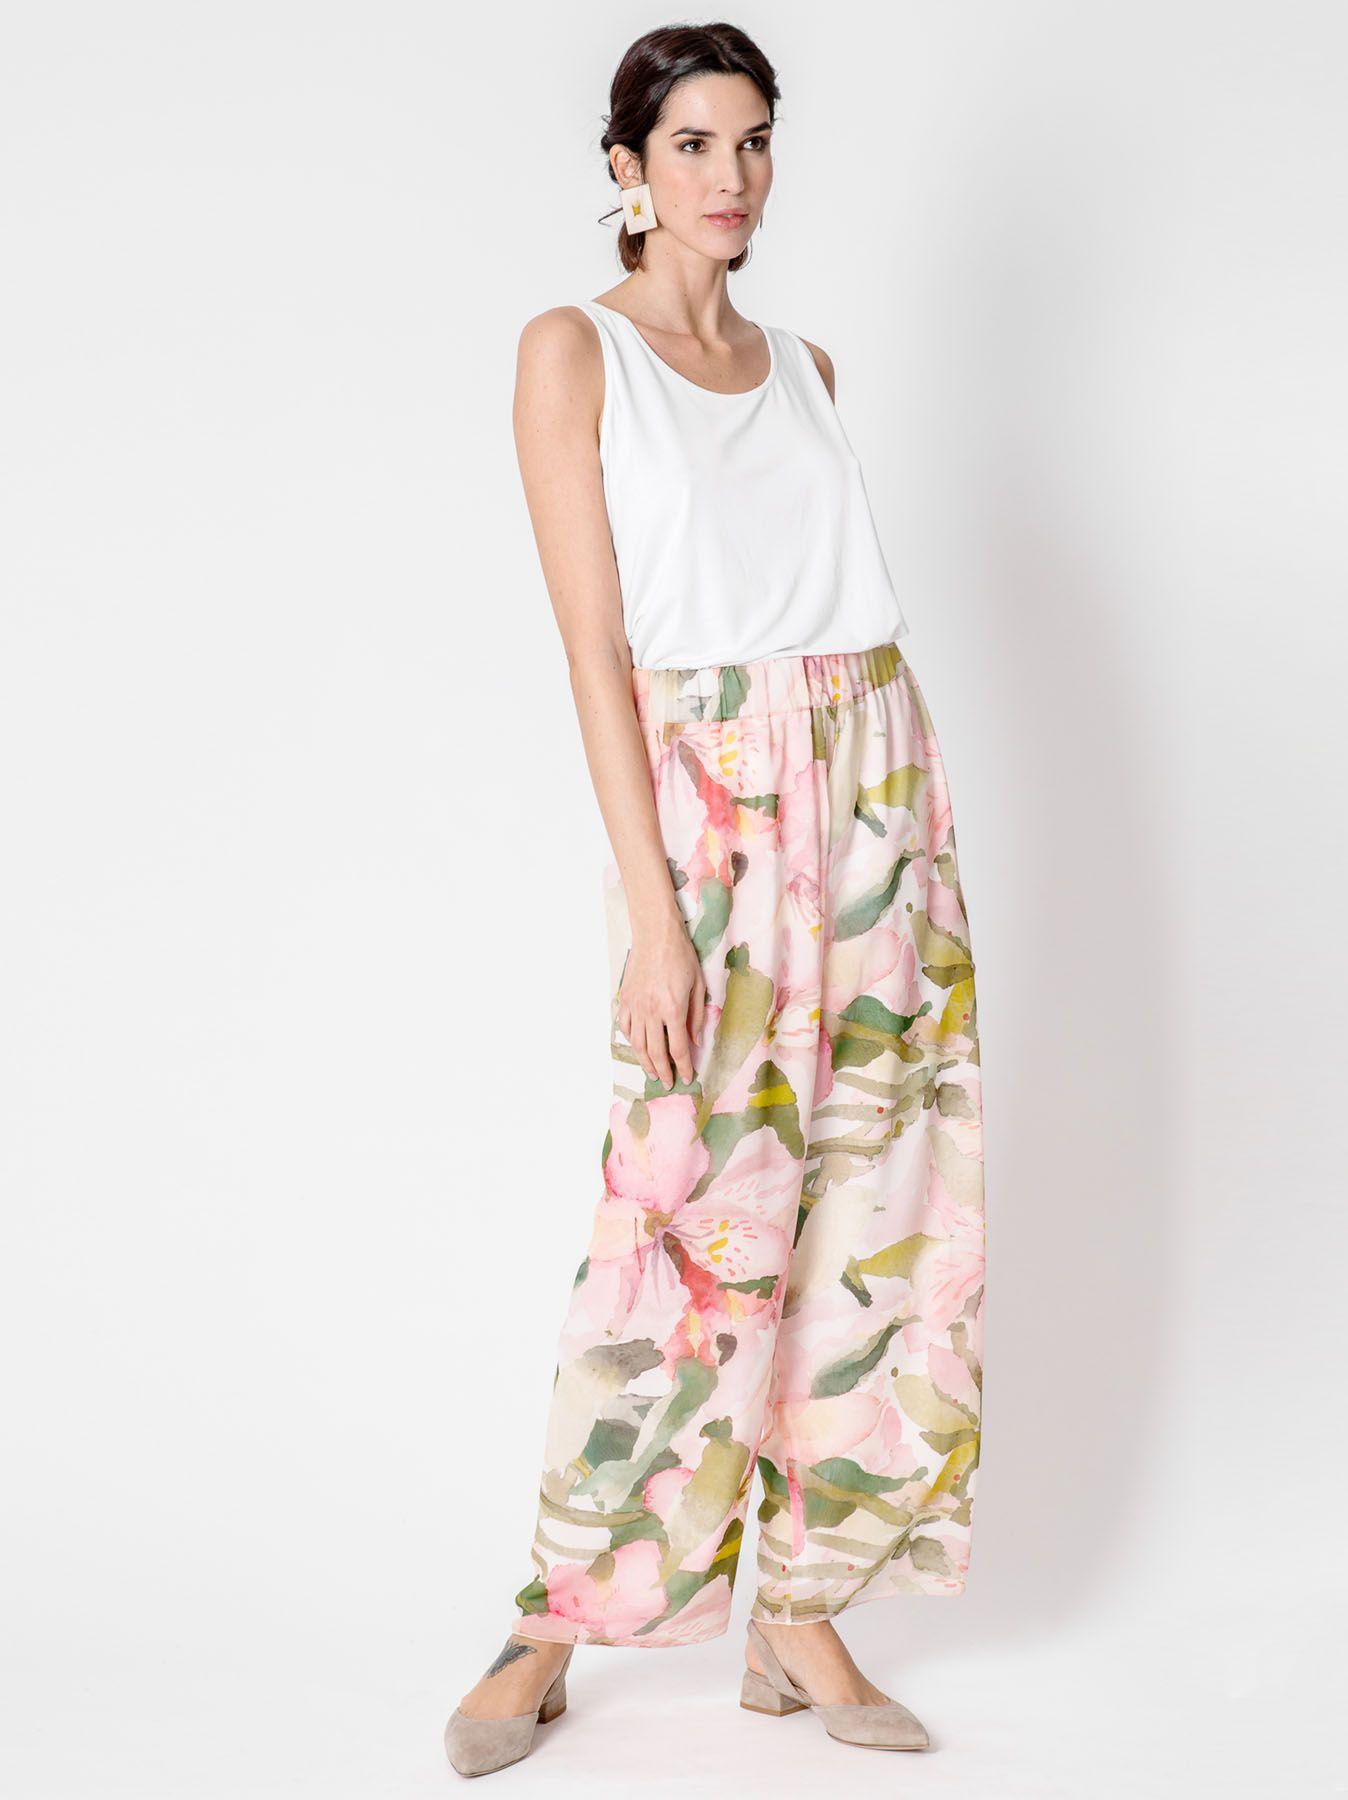 Pantalone ampio con disegno floreale astratto